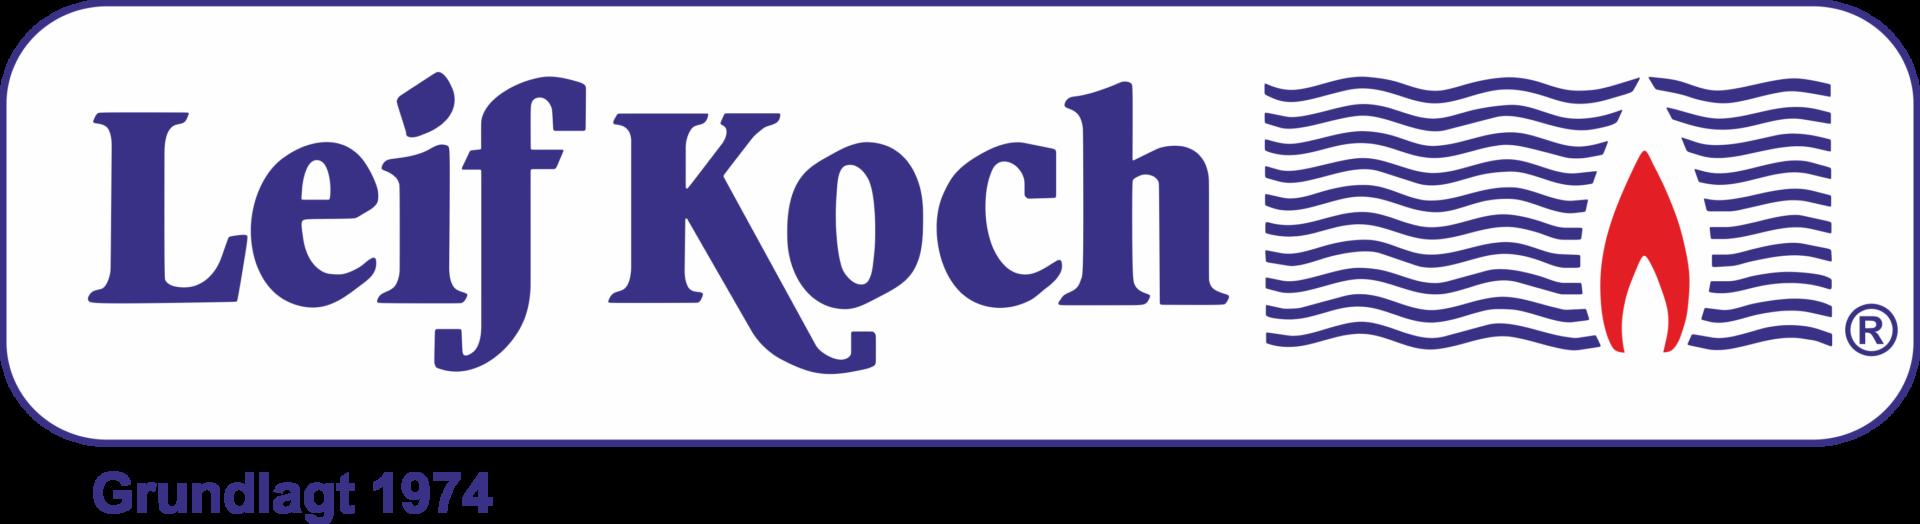 Leif Koch